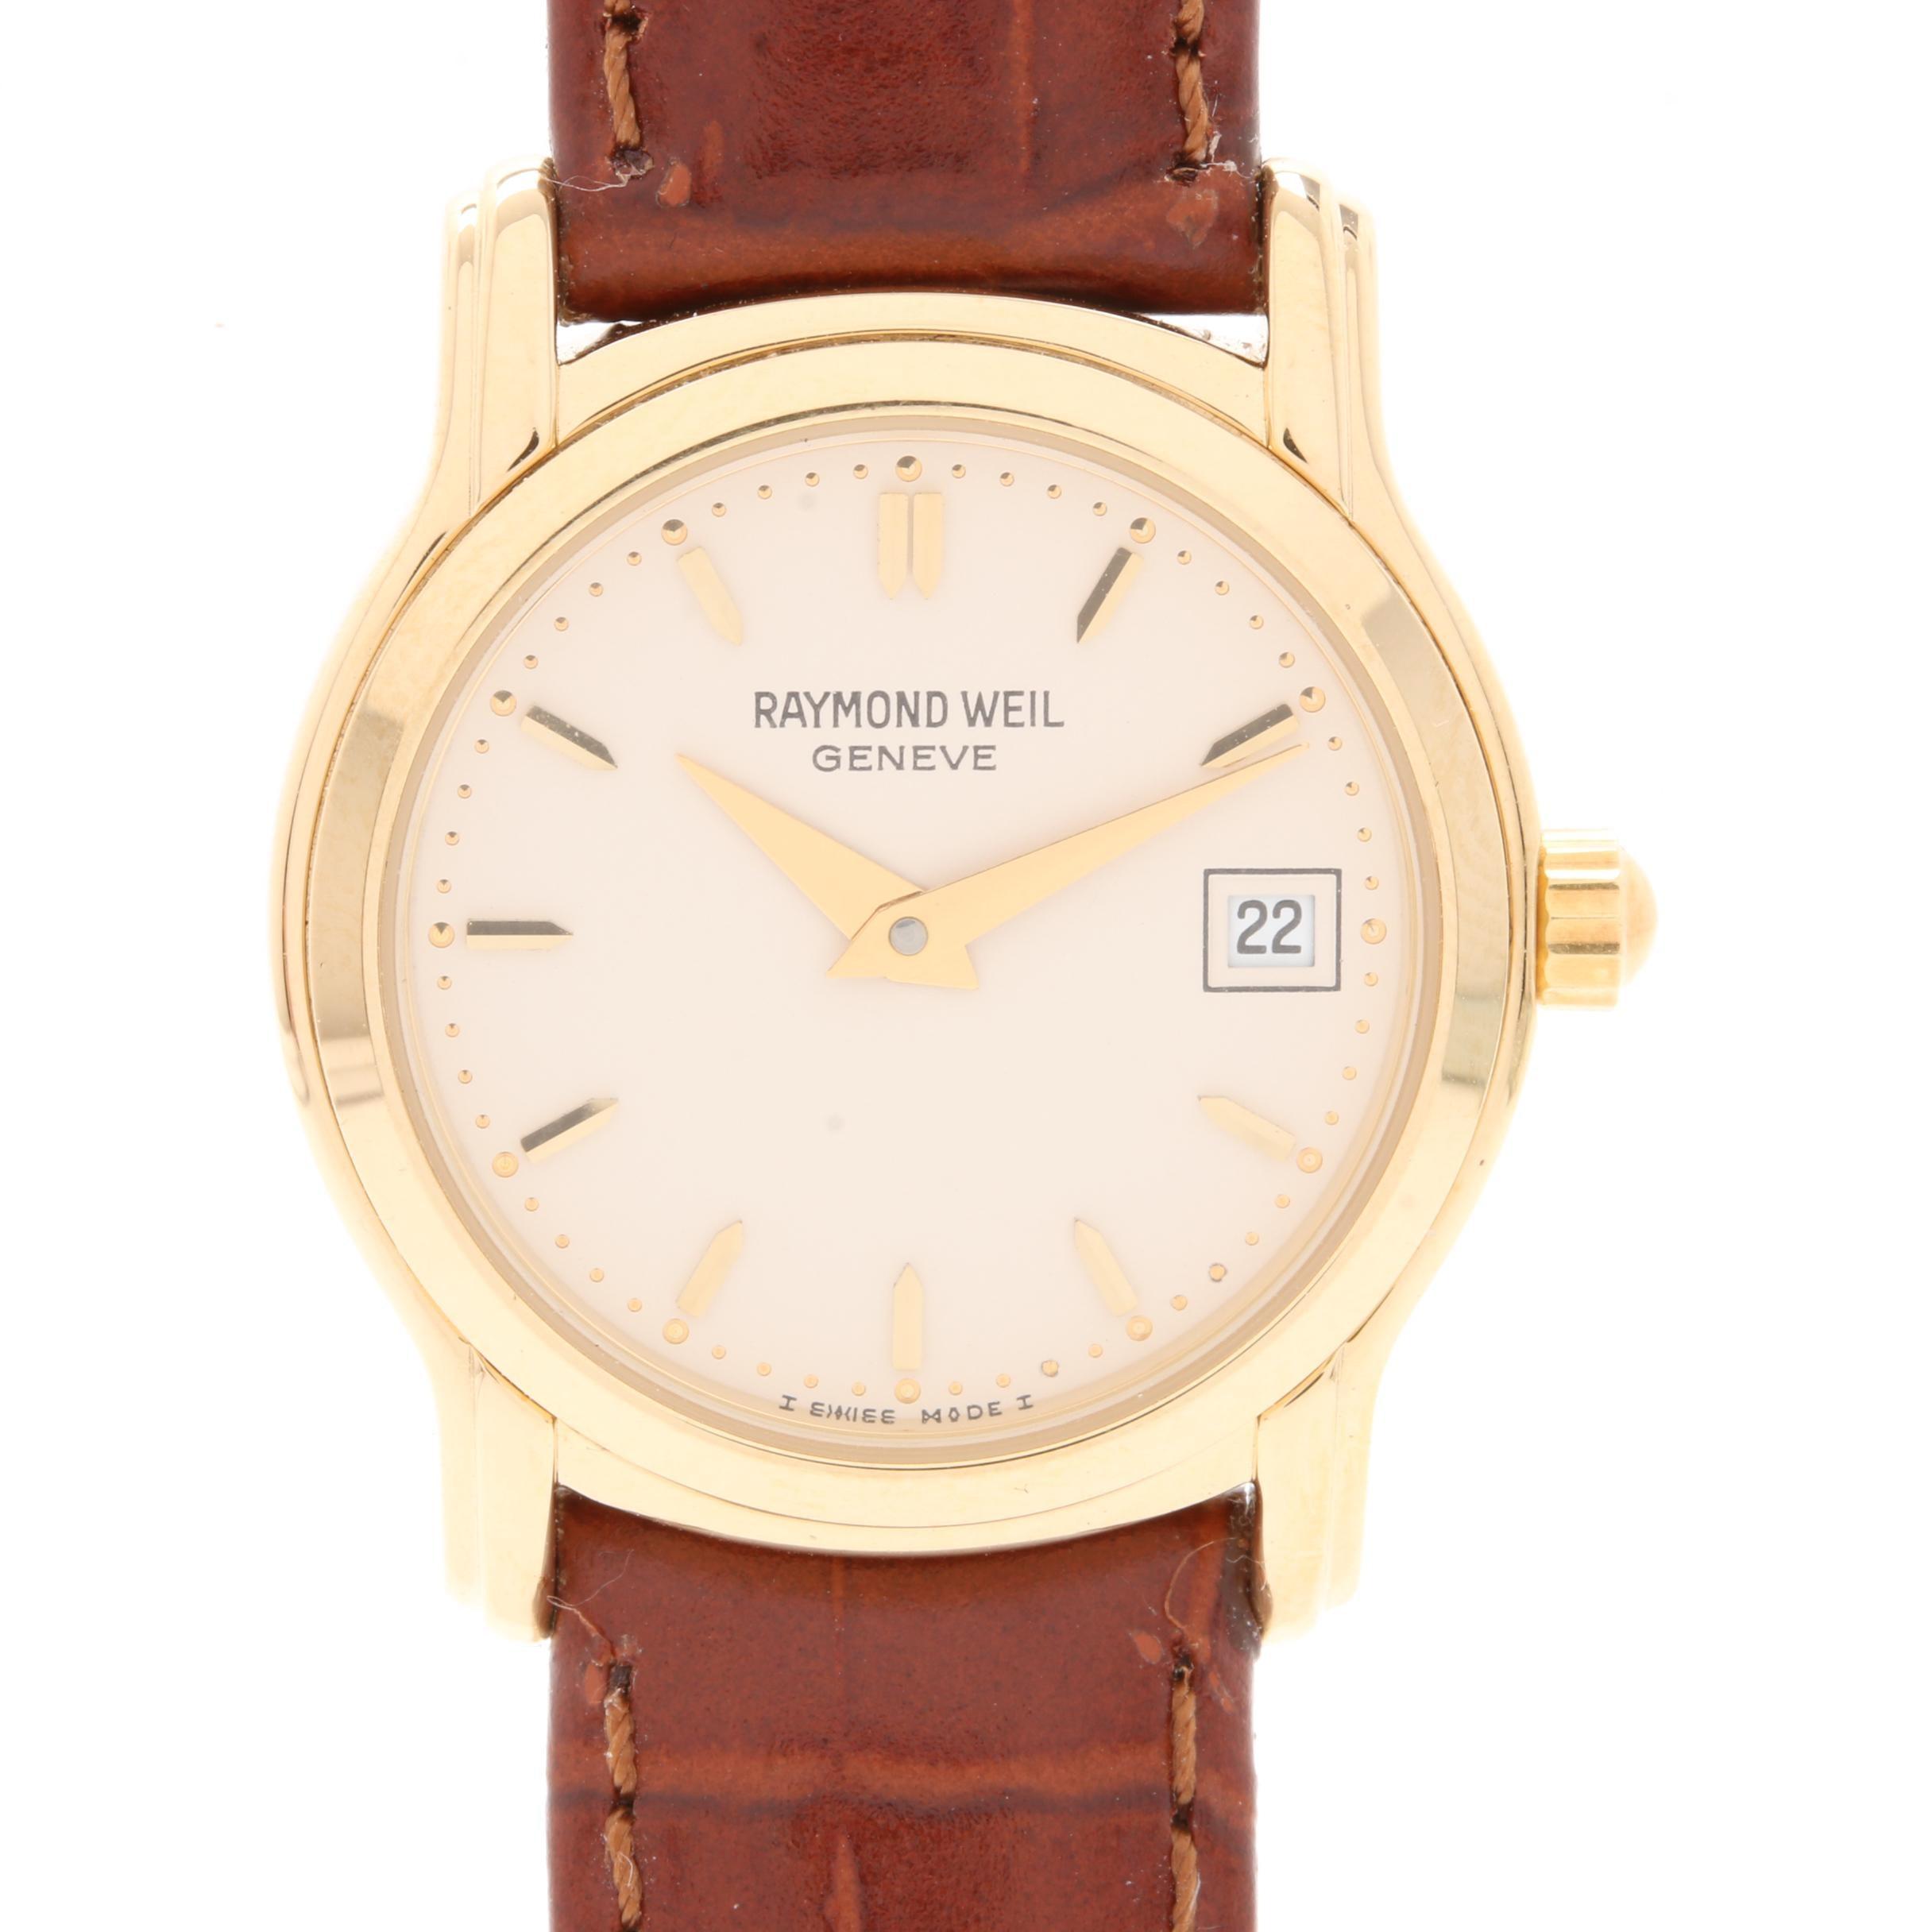 Raymond Weil 5369 Gold Tone Leather Wristwatch